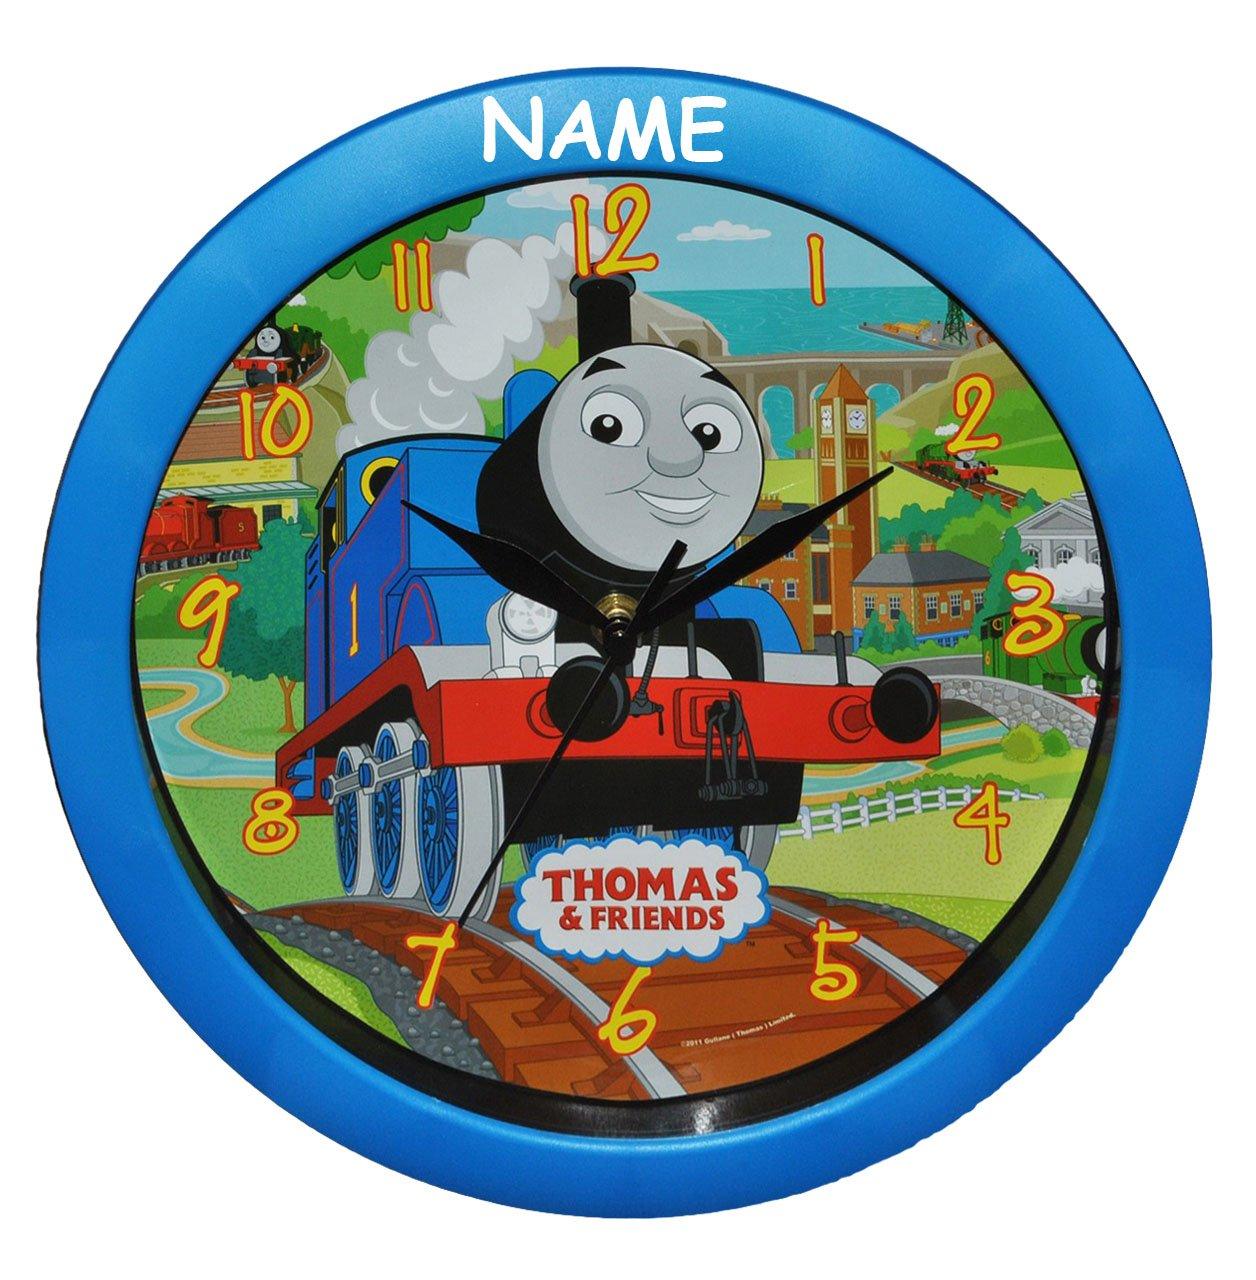 Wanduhr Thomas die Lokomotive incl. Name – 29 cm groß Uhr – für Kinderzimmer Kinderuhr – Analog Jungen Eisenbahn Lok Zug Bahn Züge günstig bestellen